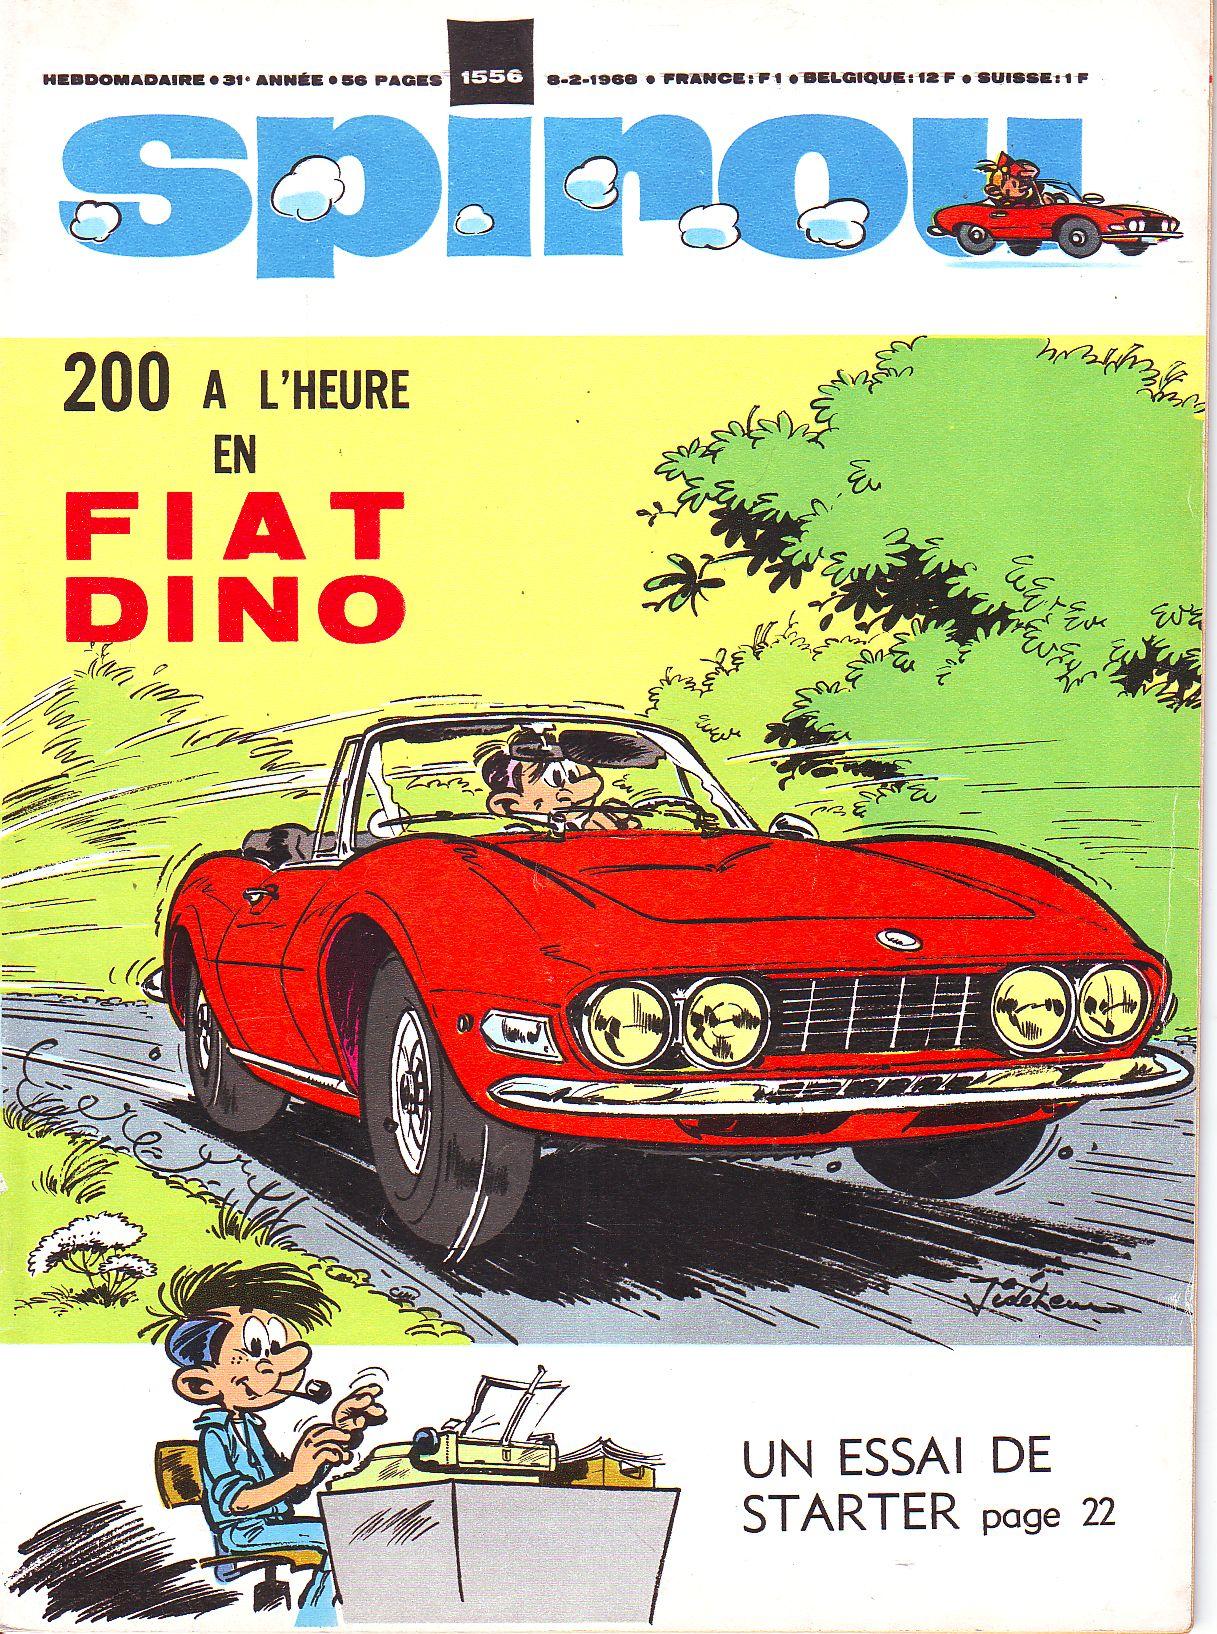 Le journal de Spirou 1556